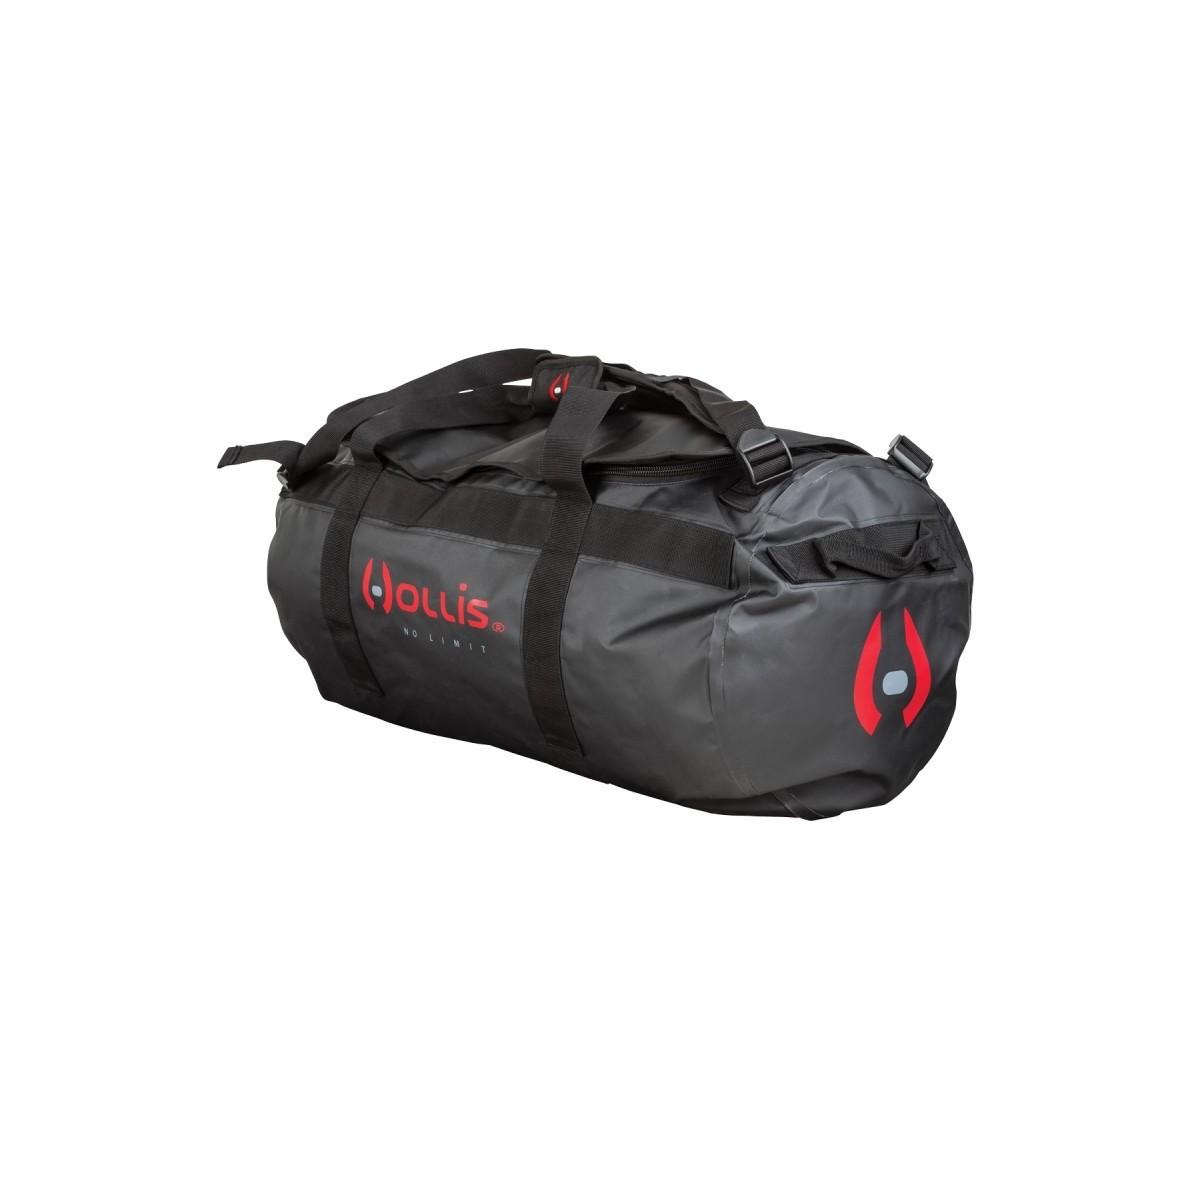 Hollis Duffel Bag